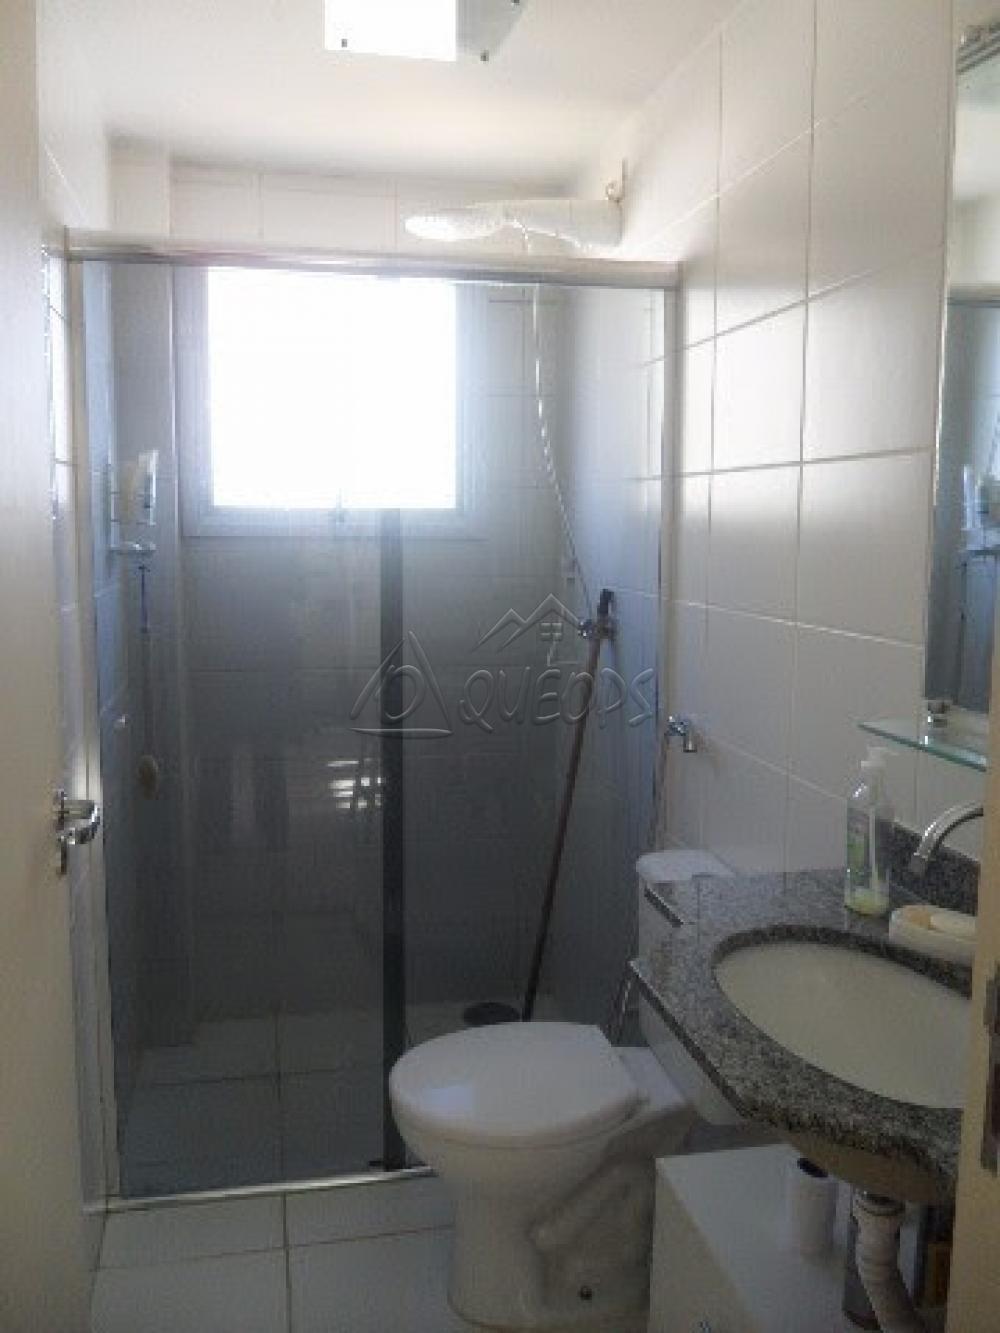 Alugar Apartamento / Padrão em Barretos apenas R$ 1.700,00 - Foto 9